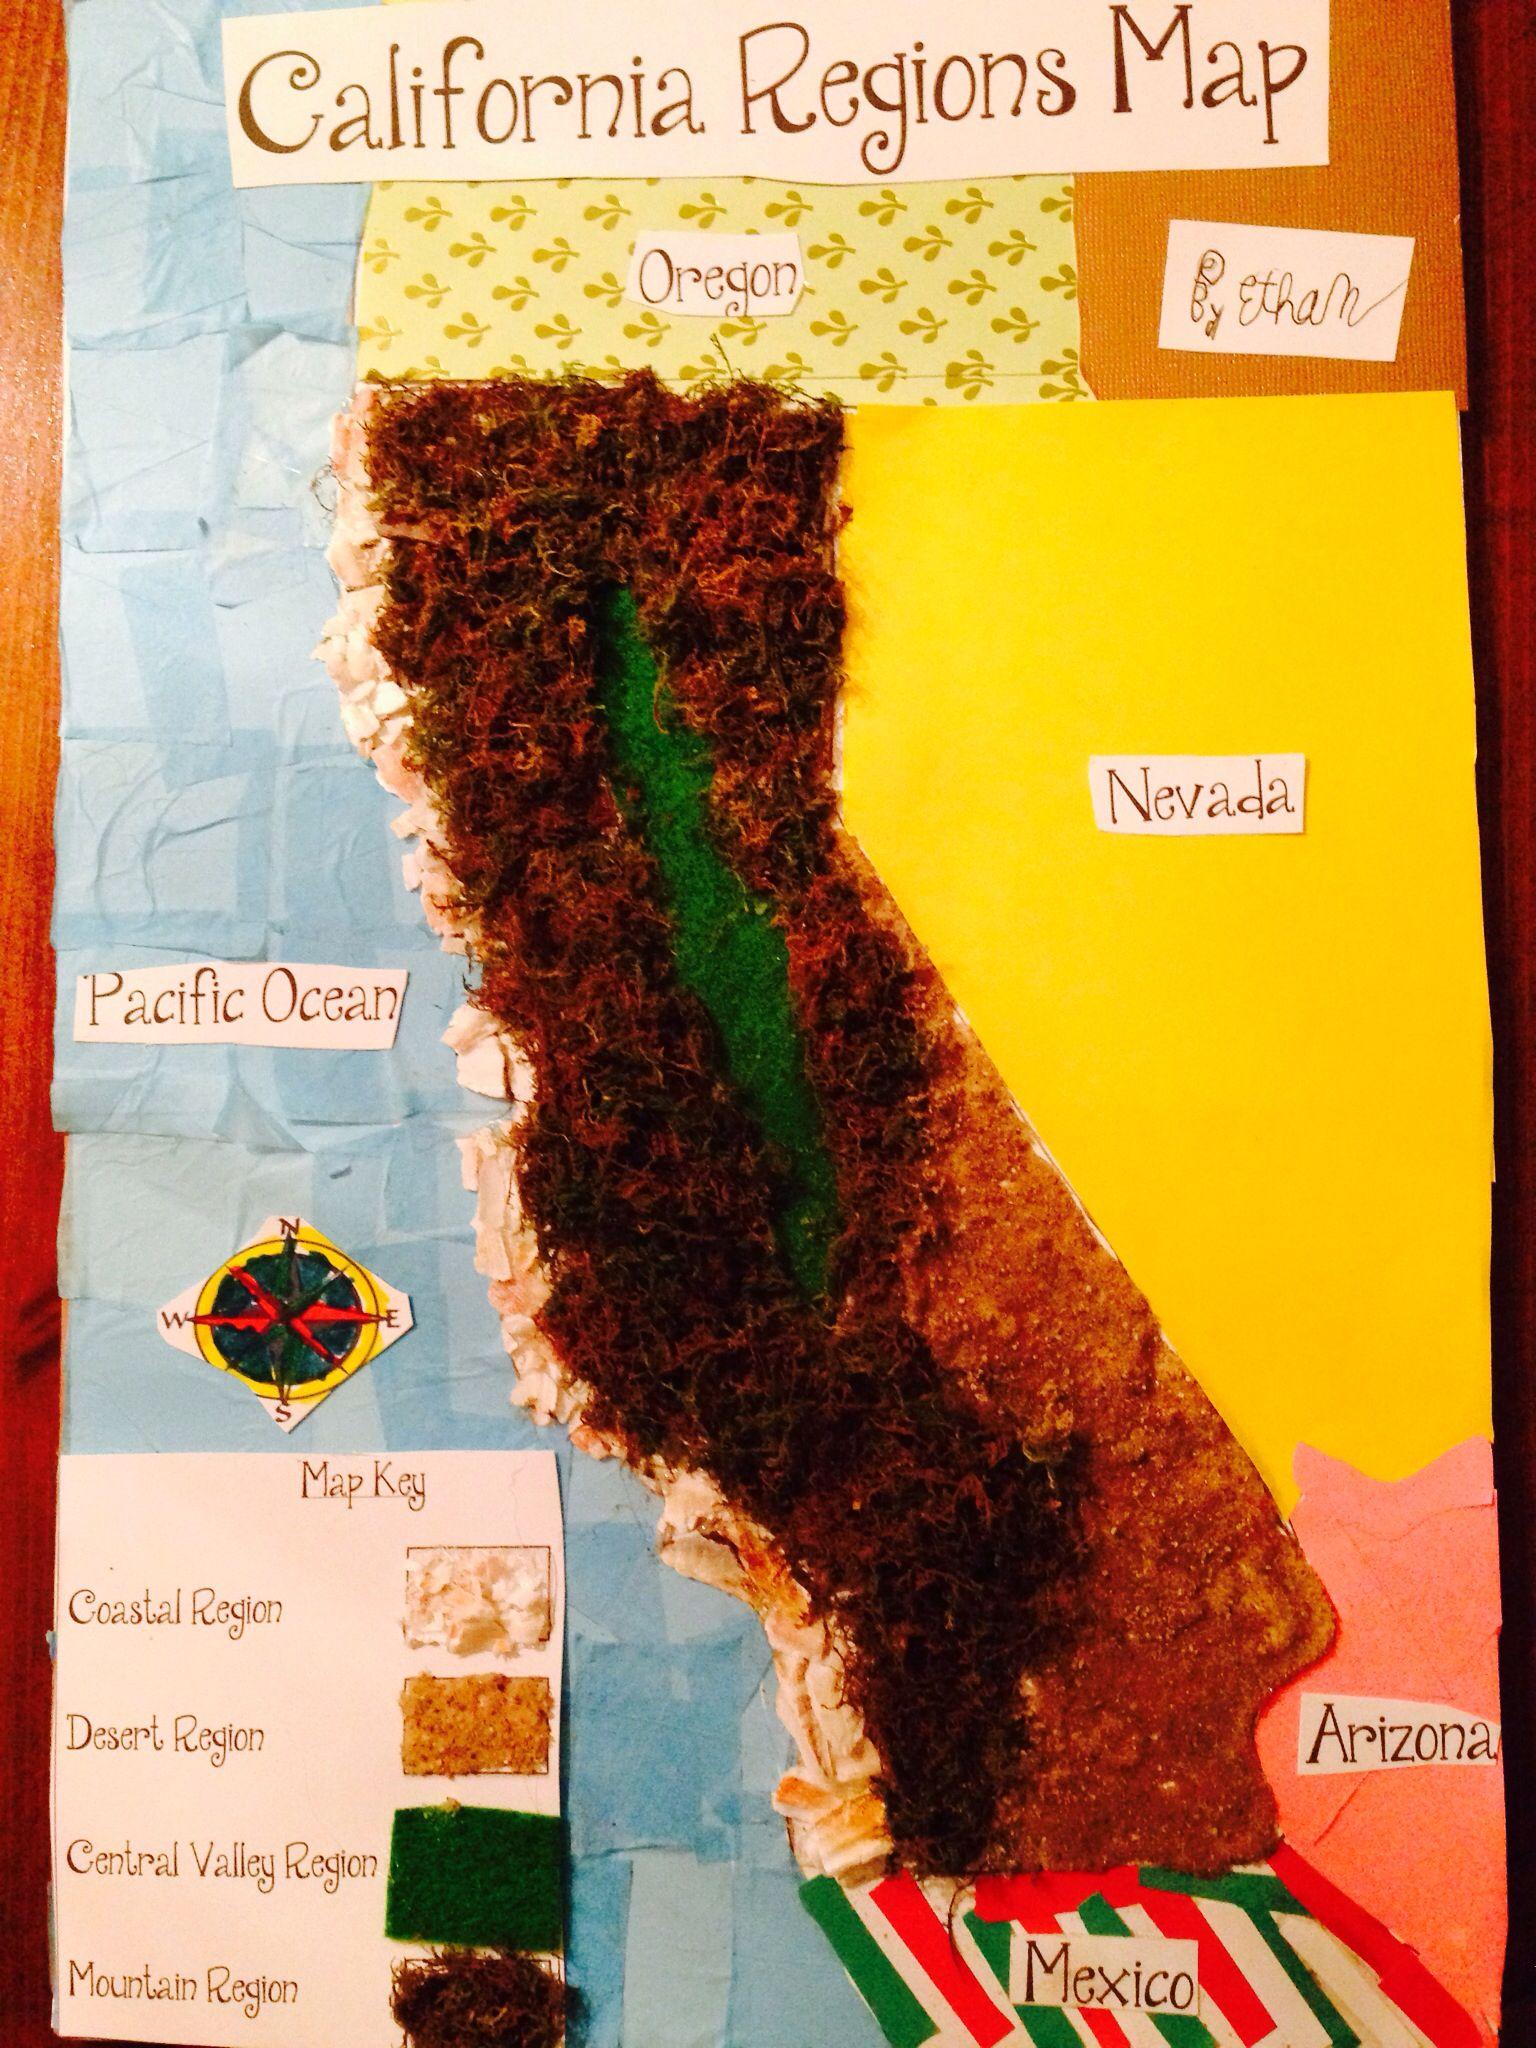 California Regions Map By Ethan